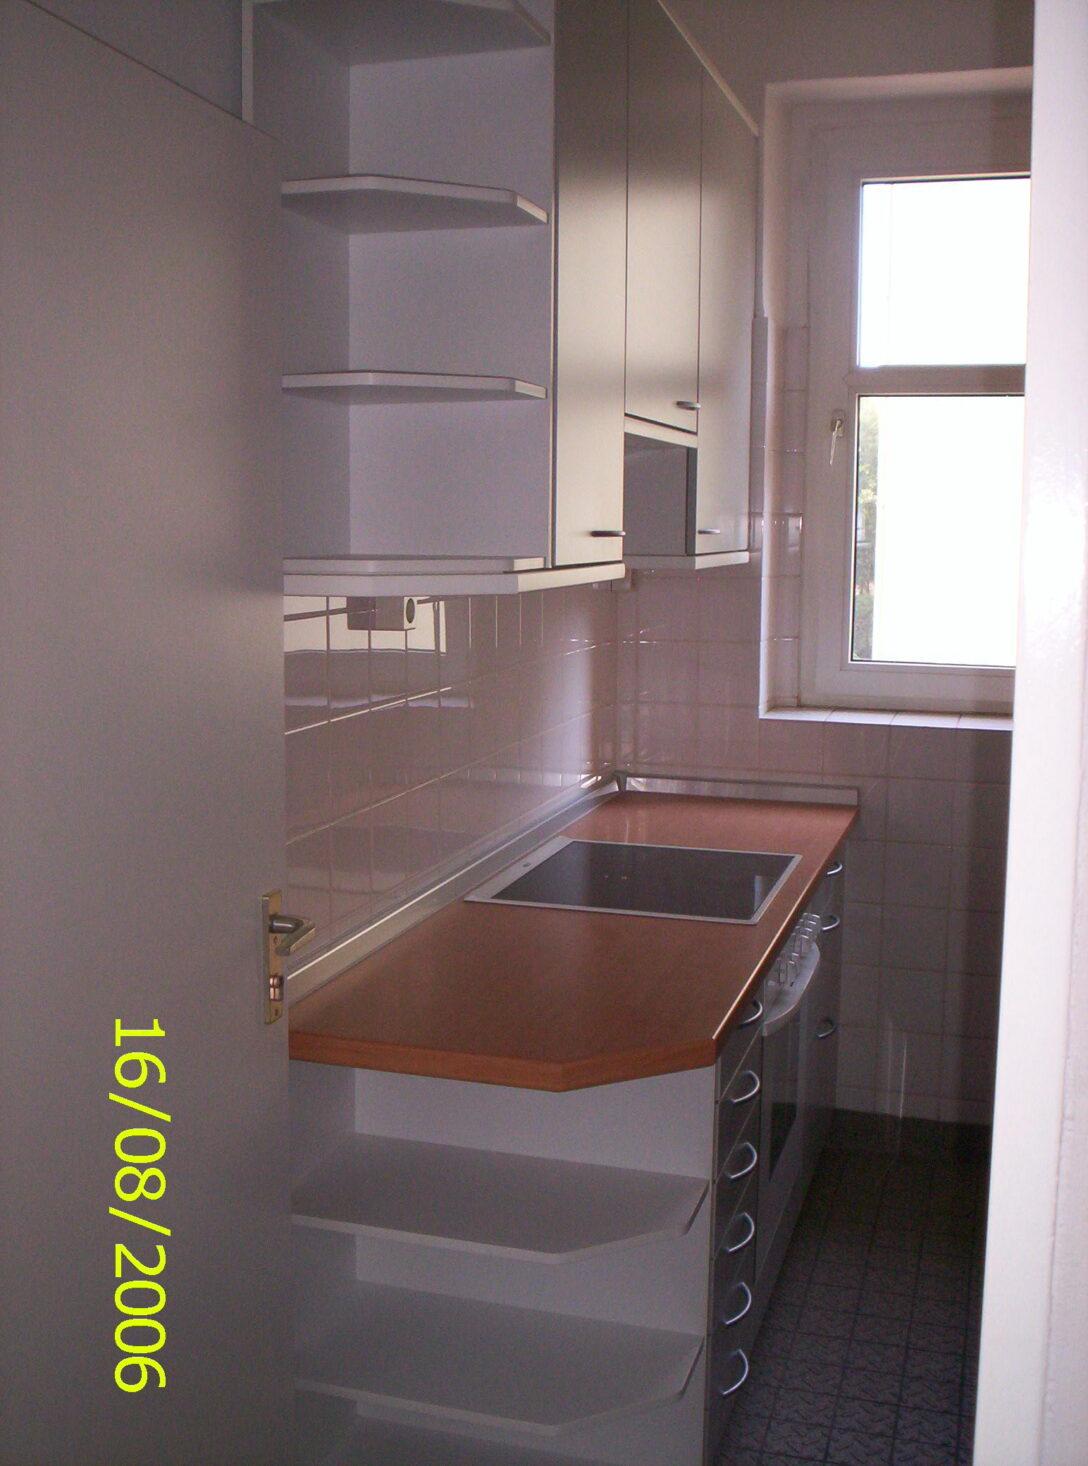 Large Size of Kchen Gebraucht Gnstig Ausstellungskchen Nrw Schn Wohnzimmer Ausstellungsküchen Nrw